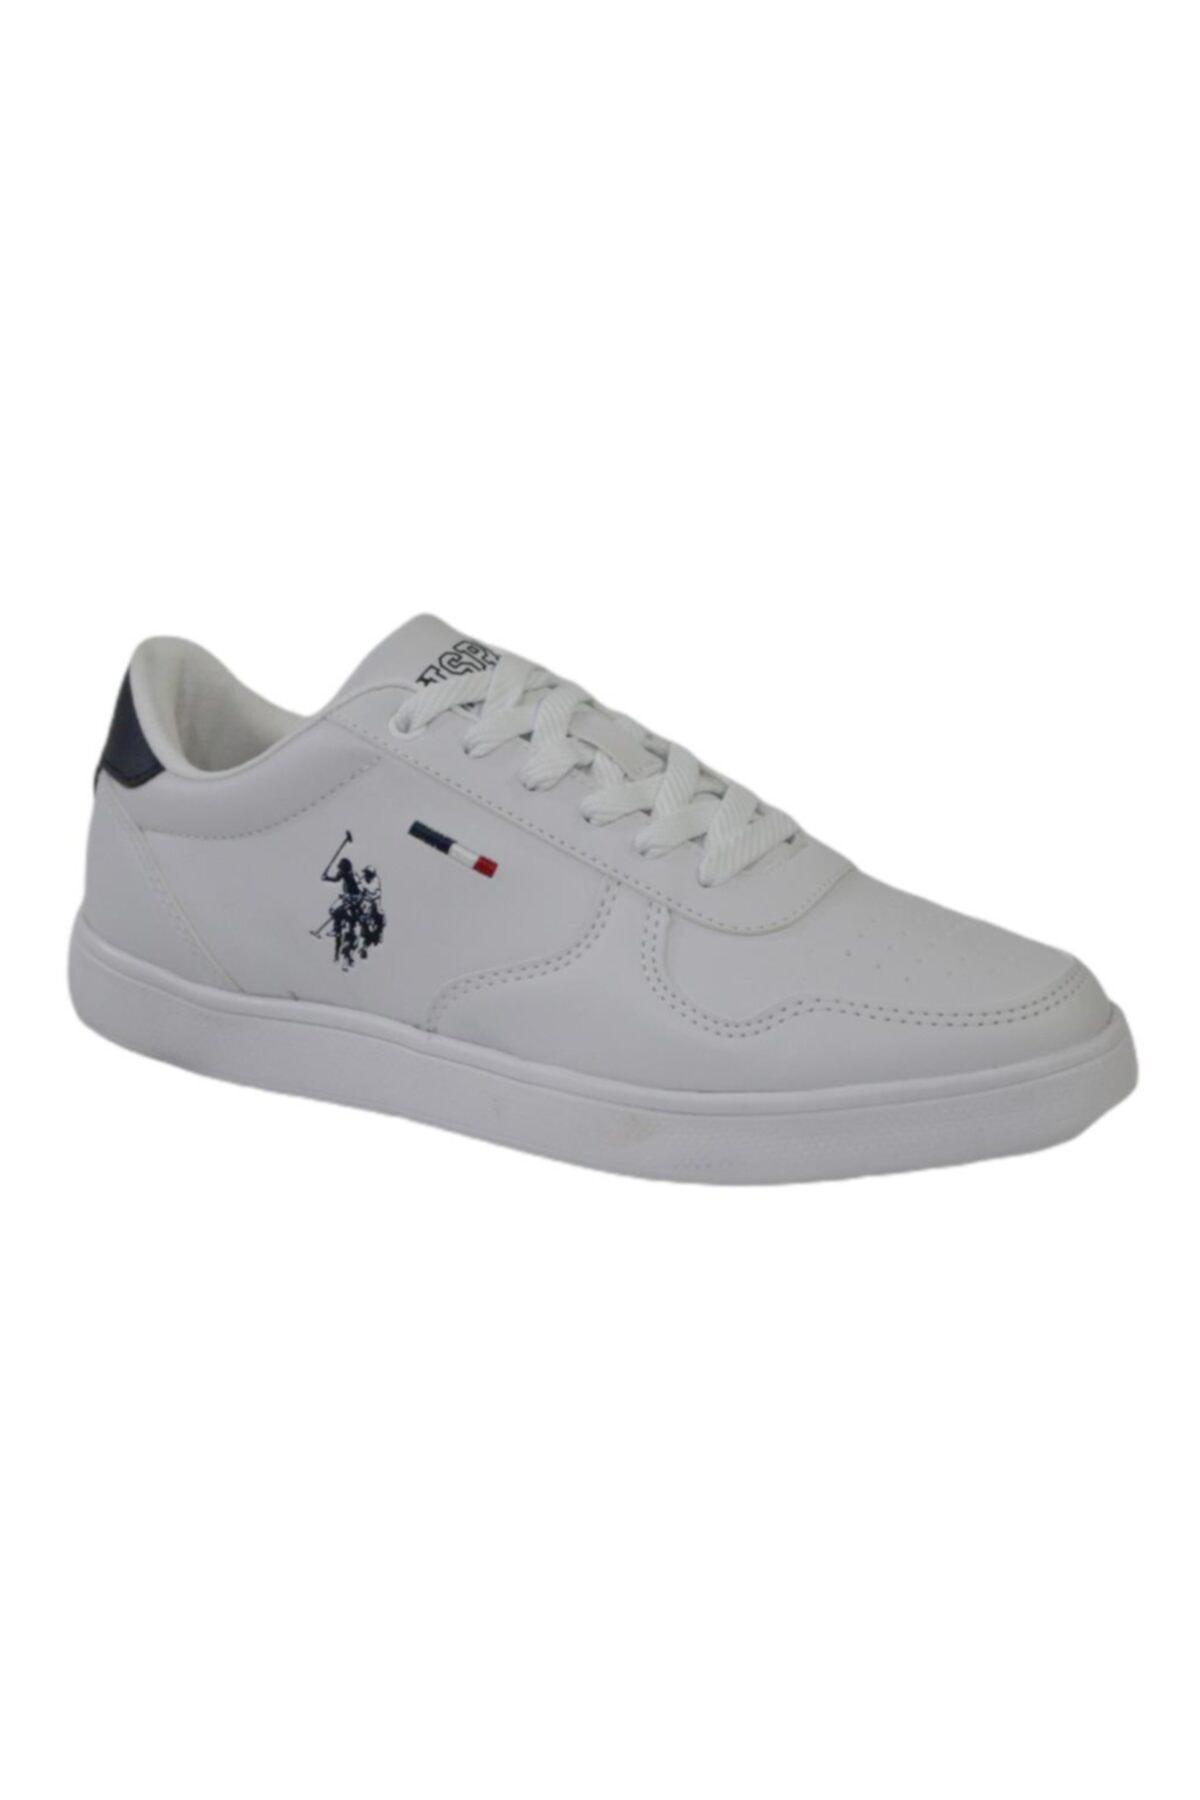 THUNDER WMN Beyaz Kadın Sneaker Ayakkabı 100605422